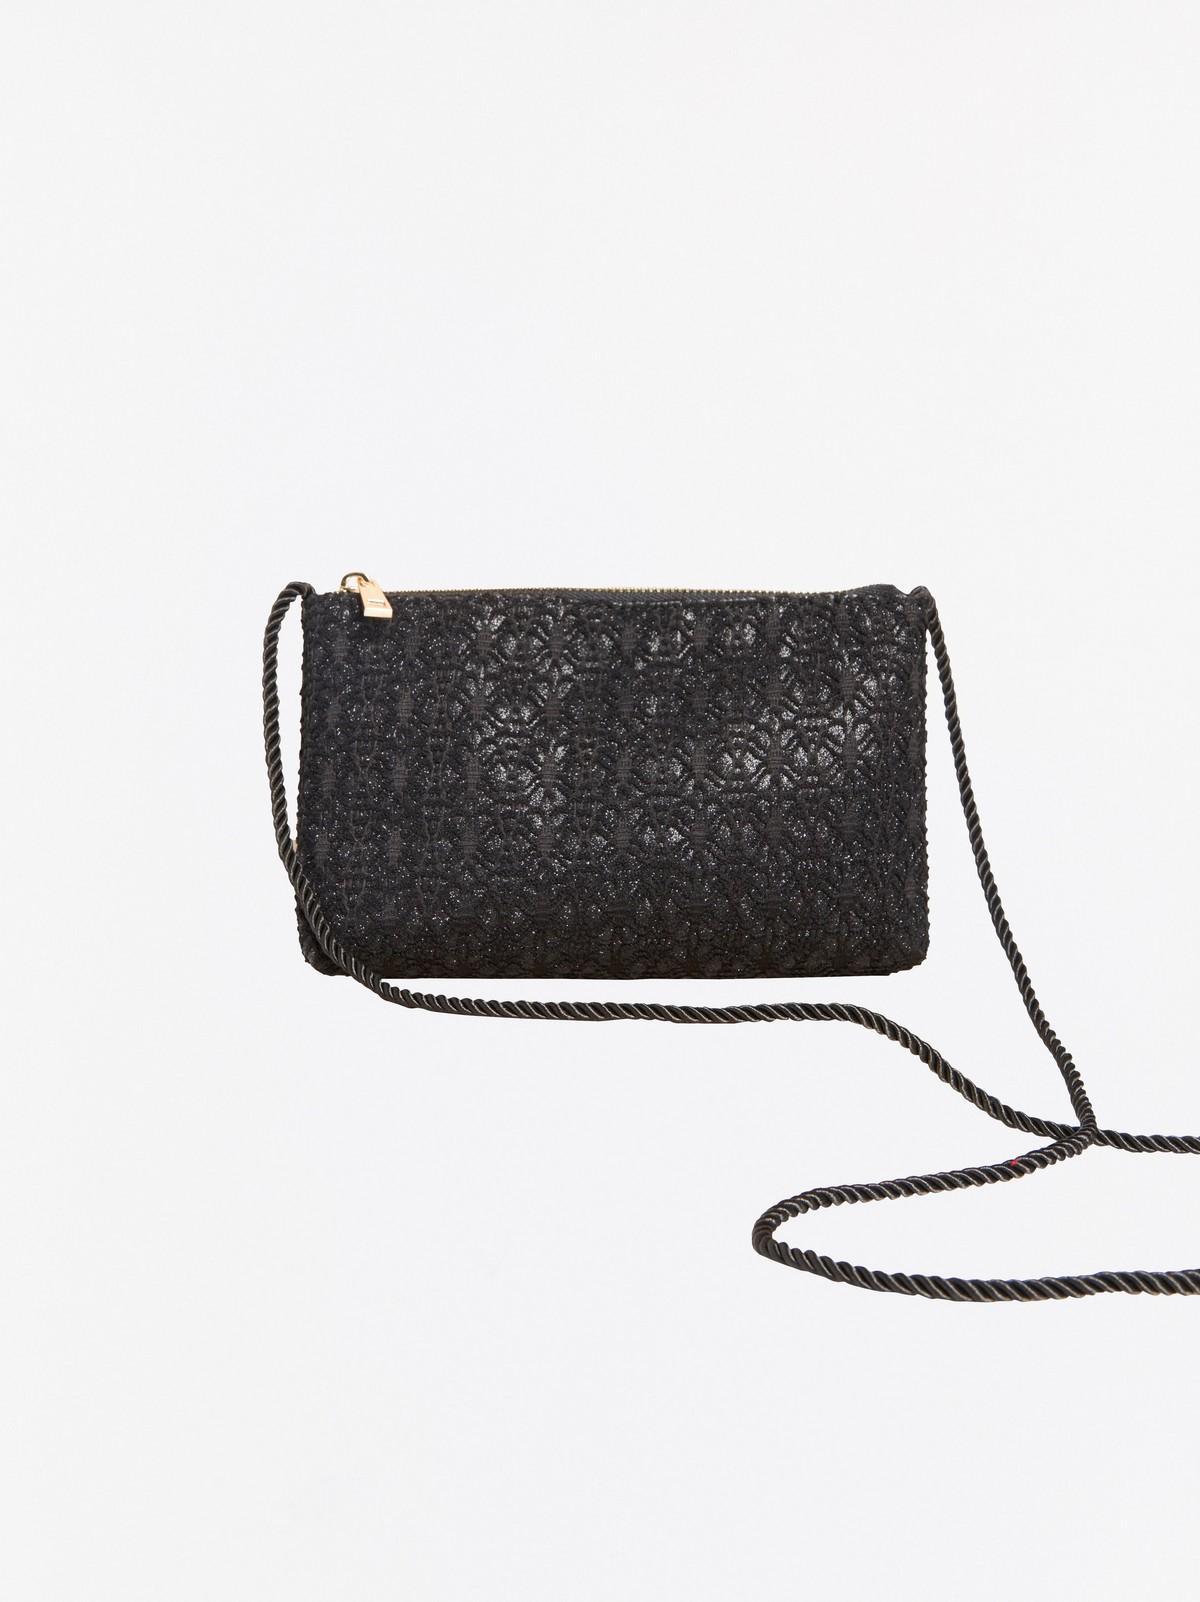 Svart jacquardmönstrad väska med glitter